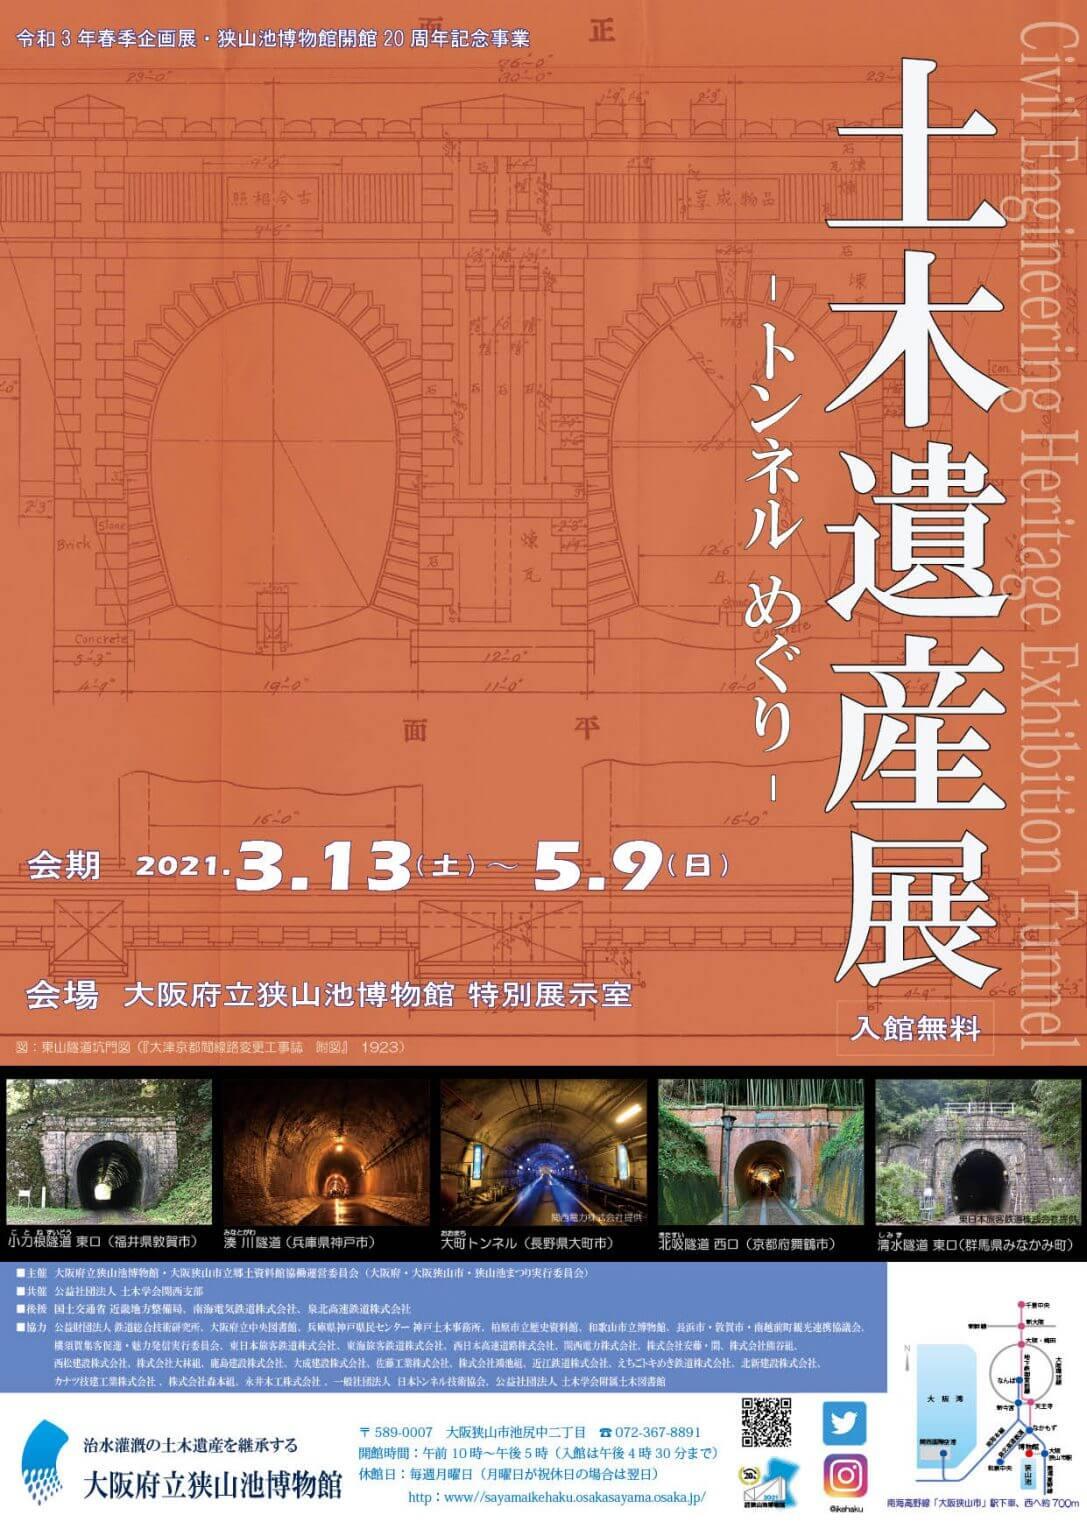 【2021年3月13日~5月9日】土木遺産展-トンネル めぐり-